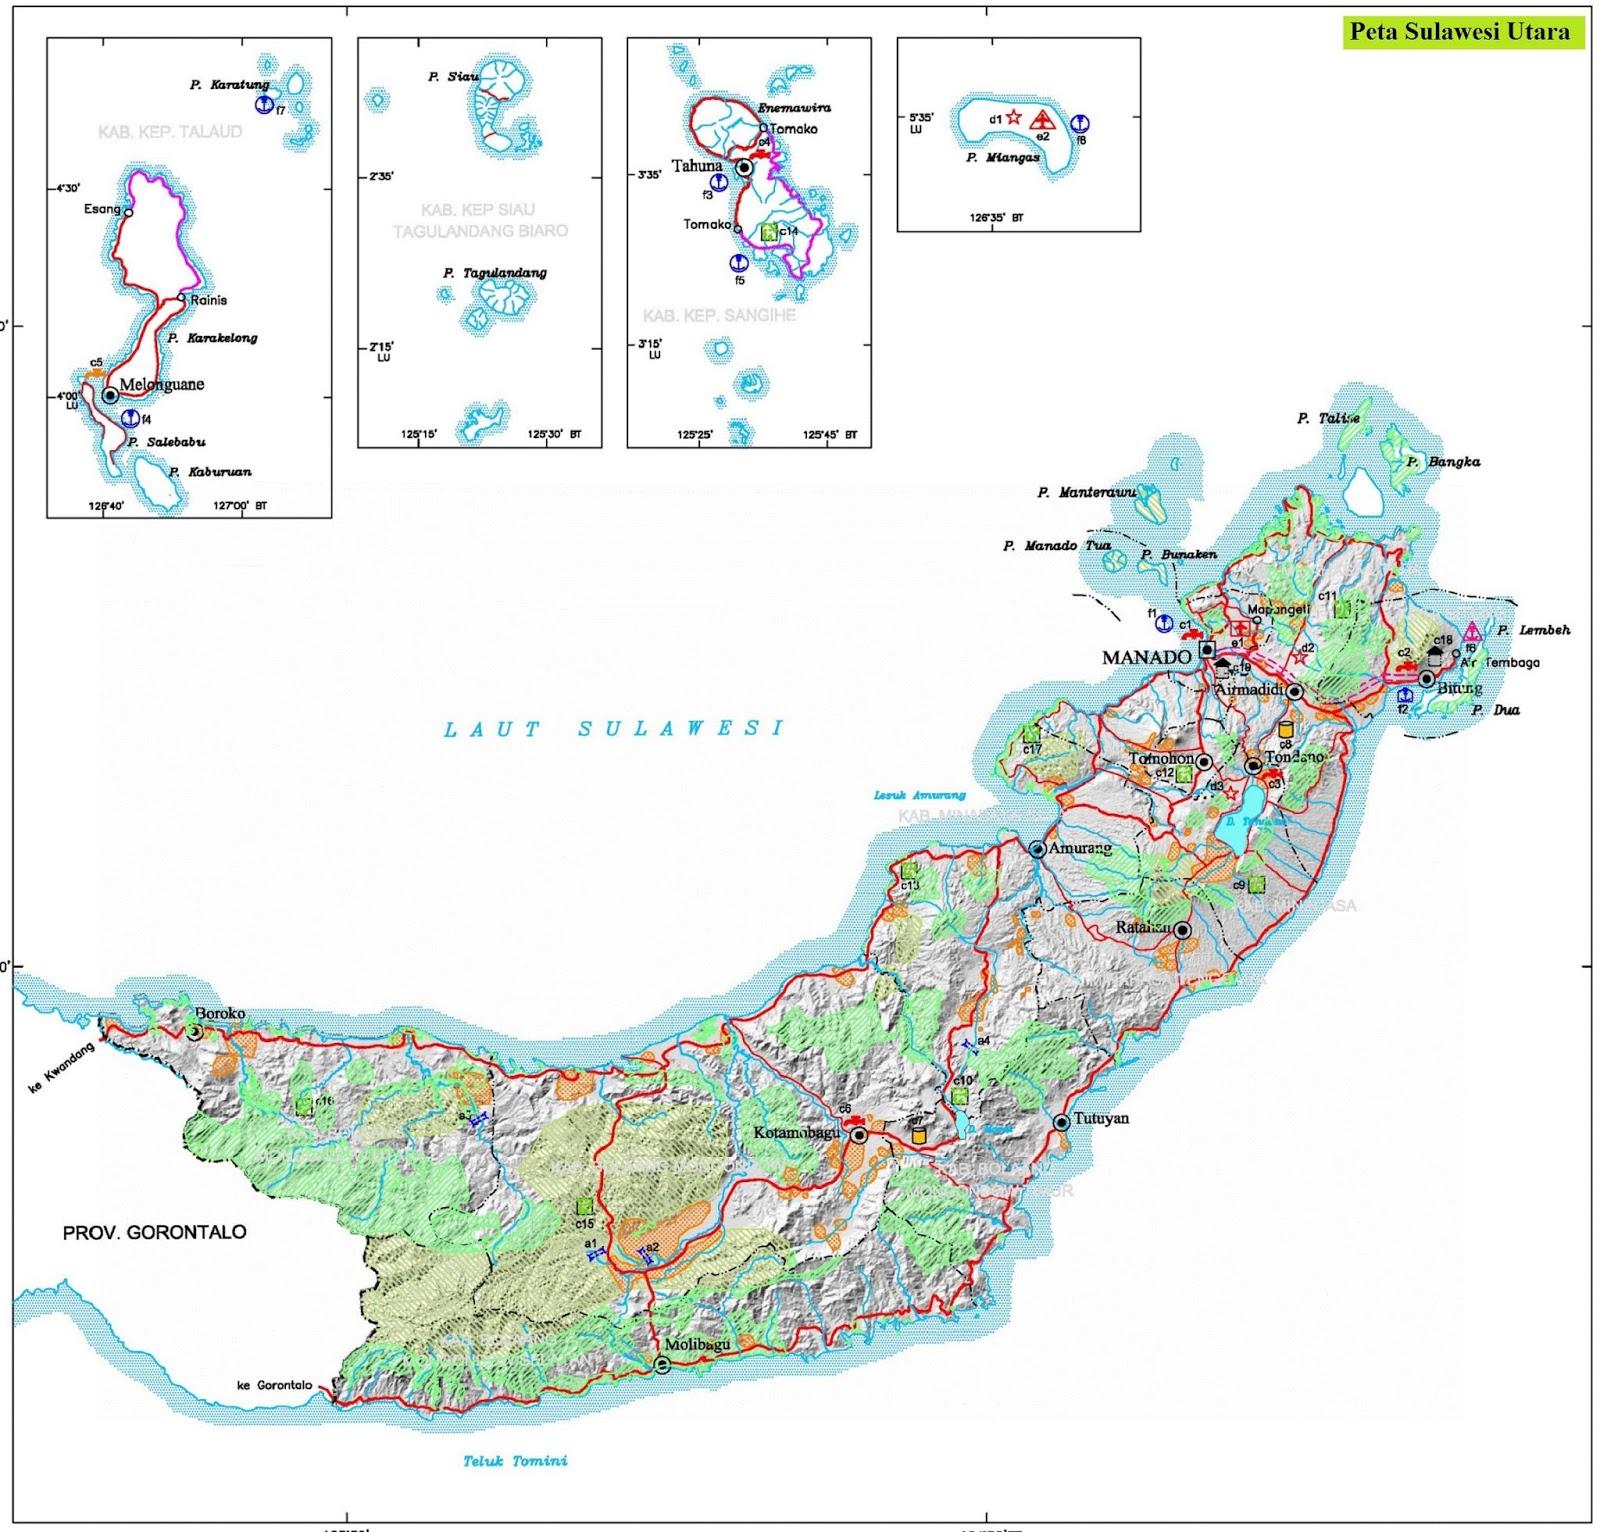 Peta Sulawesi Utara HD